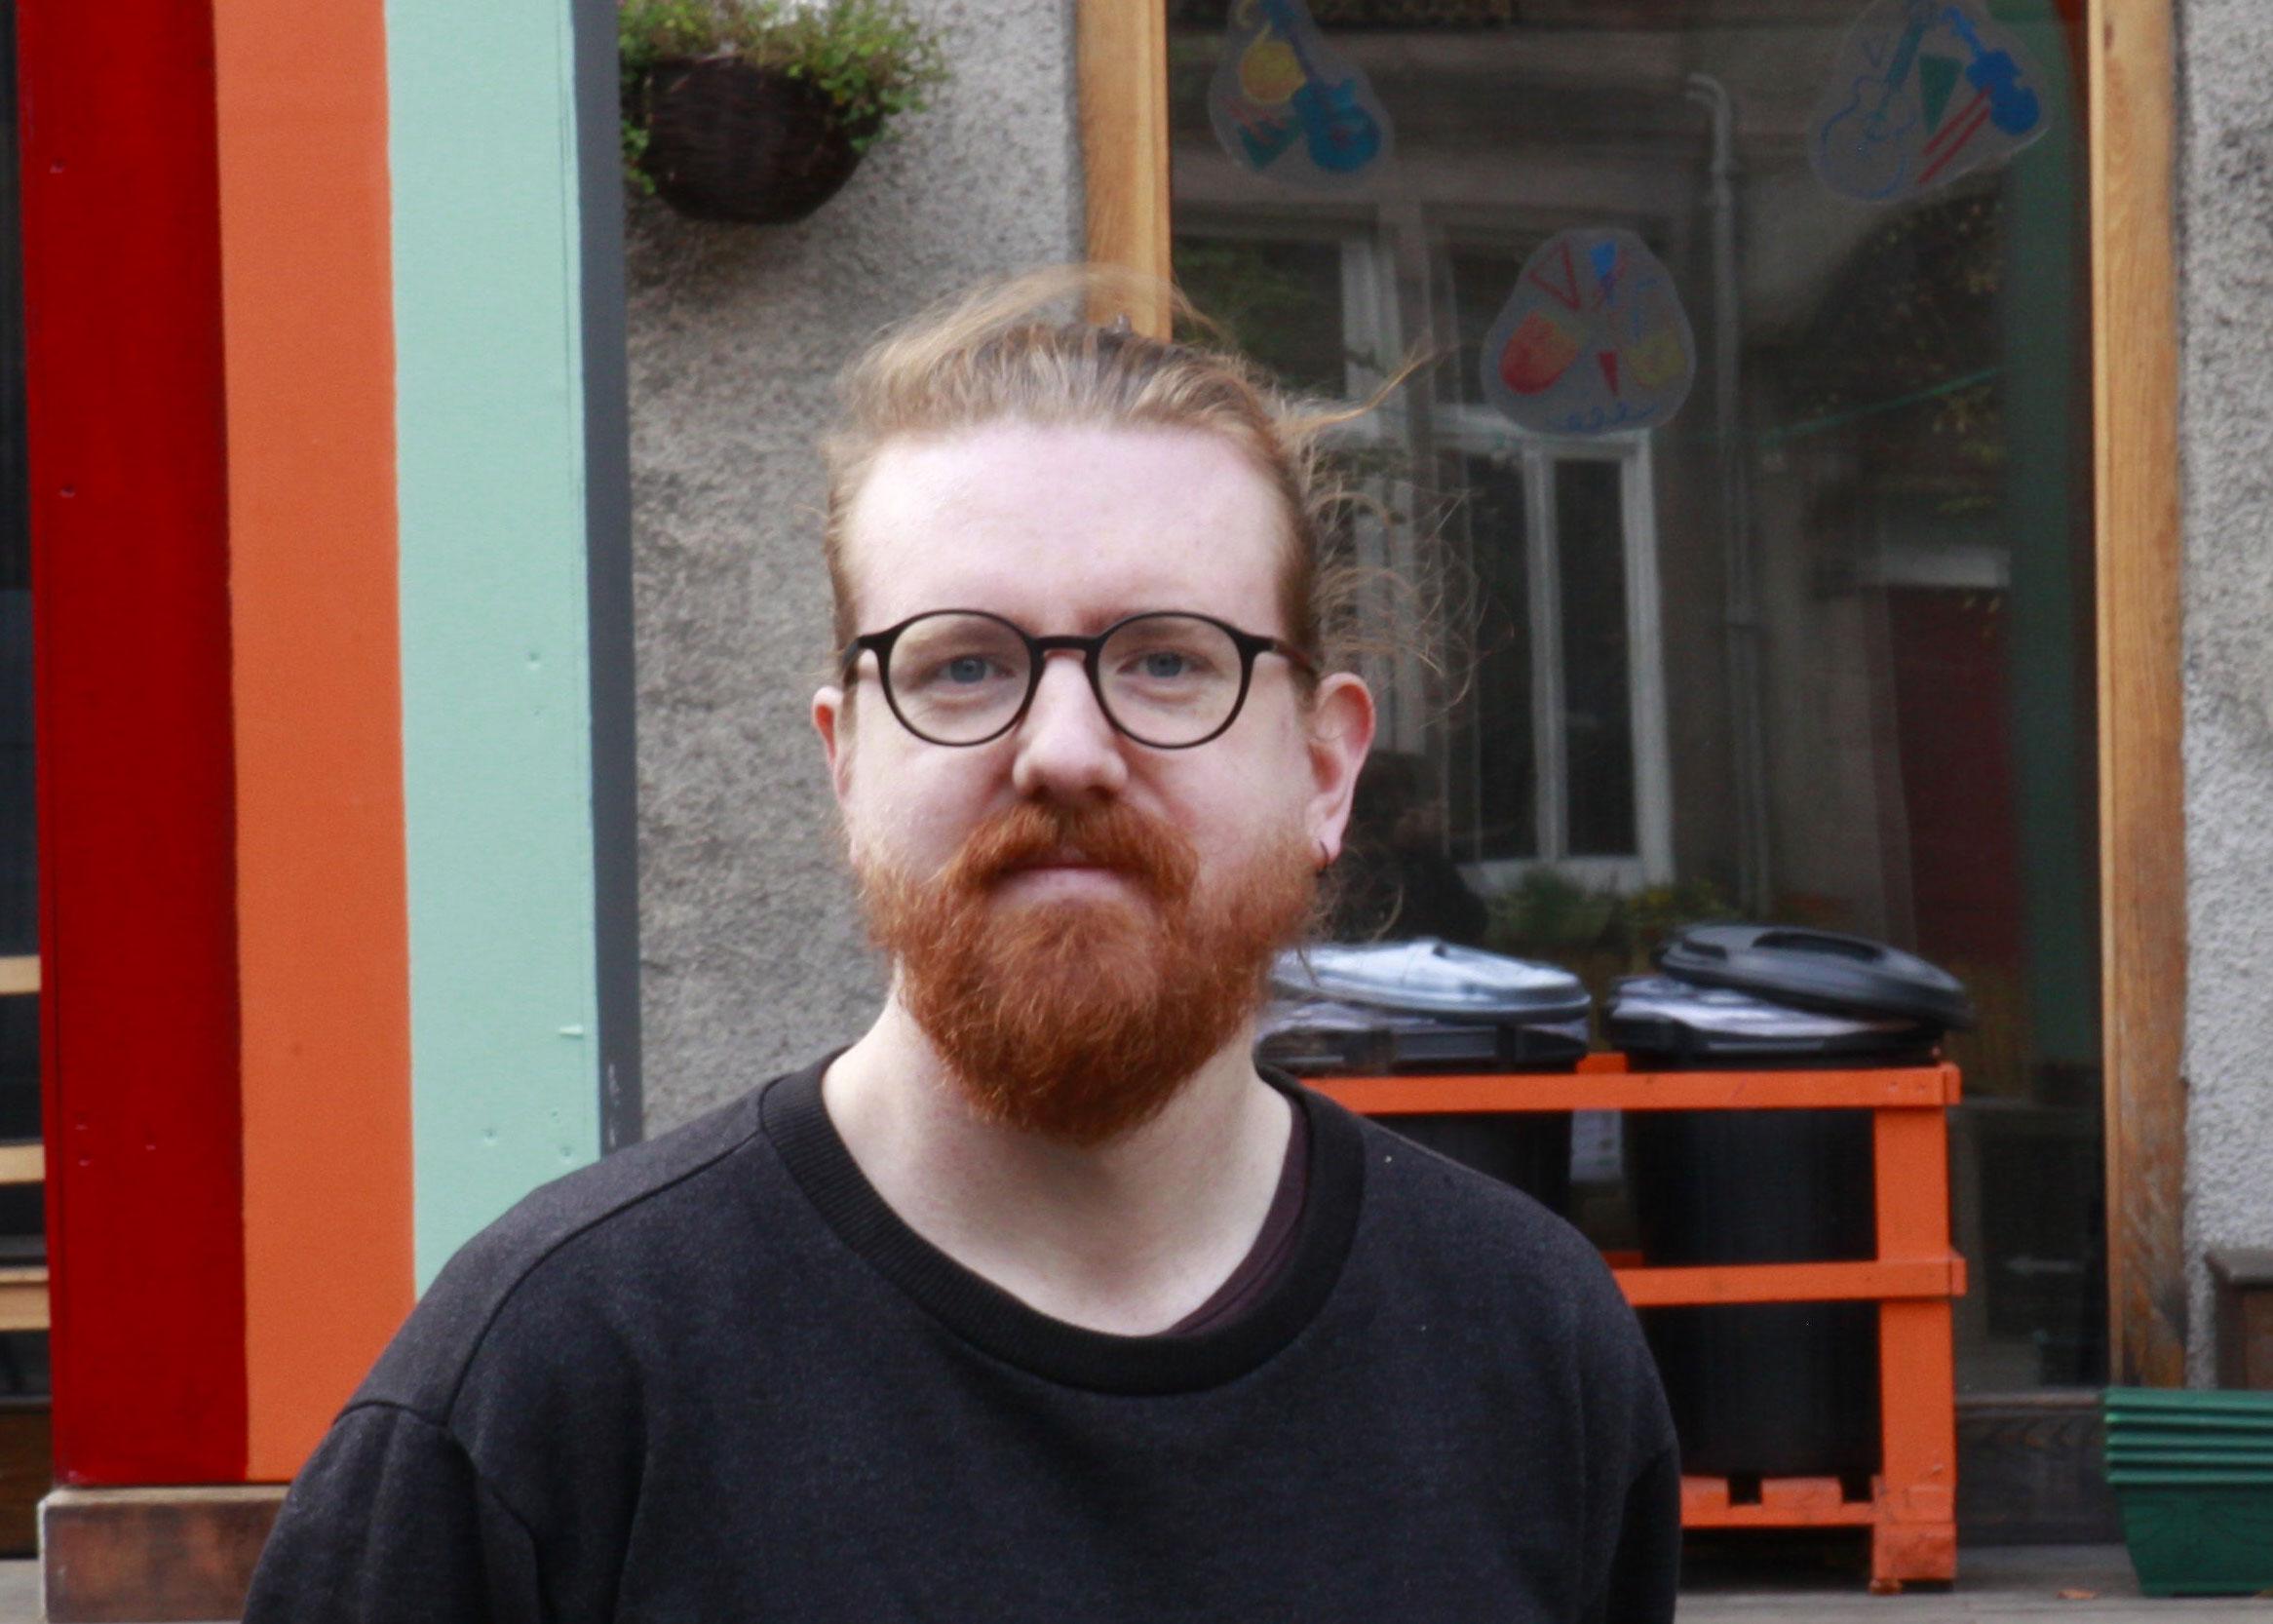 Matt-Belcher-Headshot.jpg